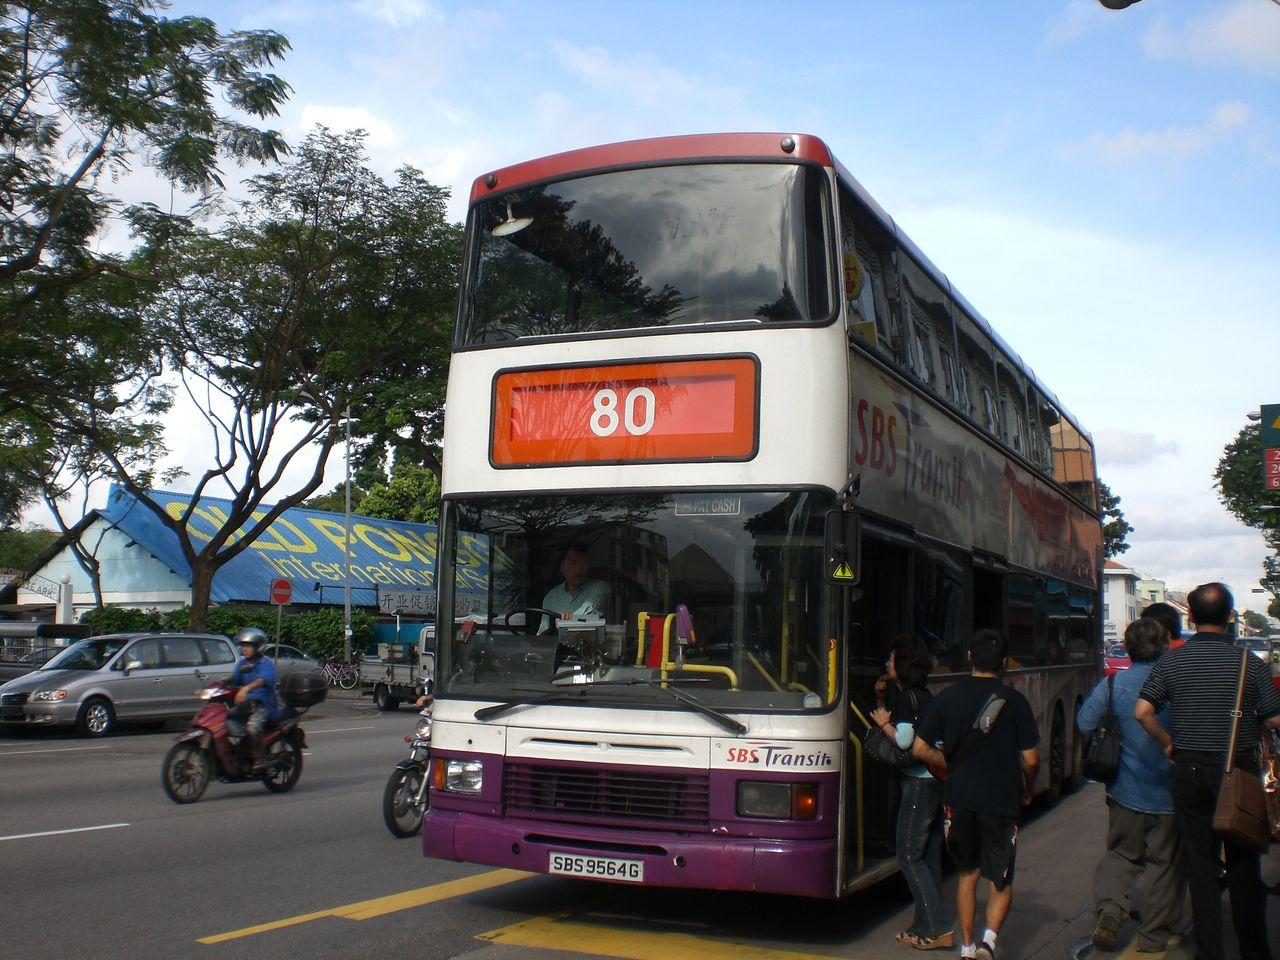 GAKUの旅記録   SBSトランジット 80系統バス コメント